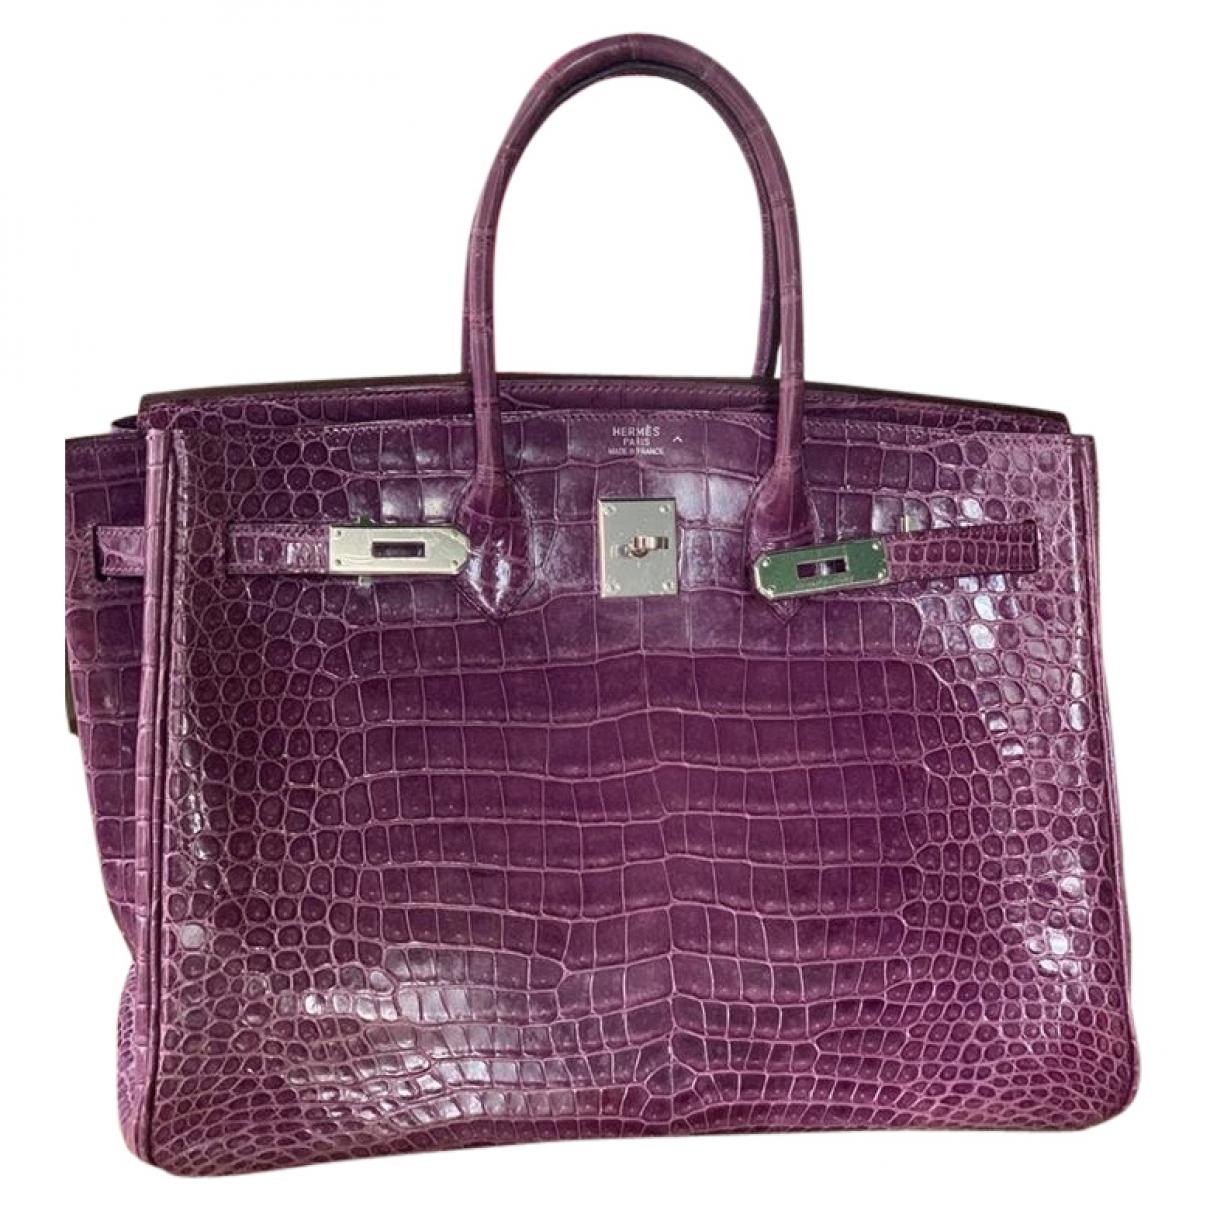 Hermes Birkin 35 Handtasche in  Lila Krokodil